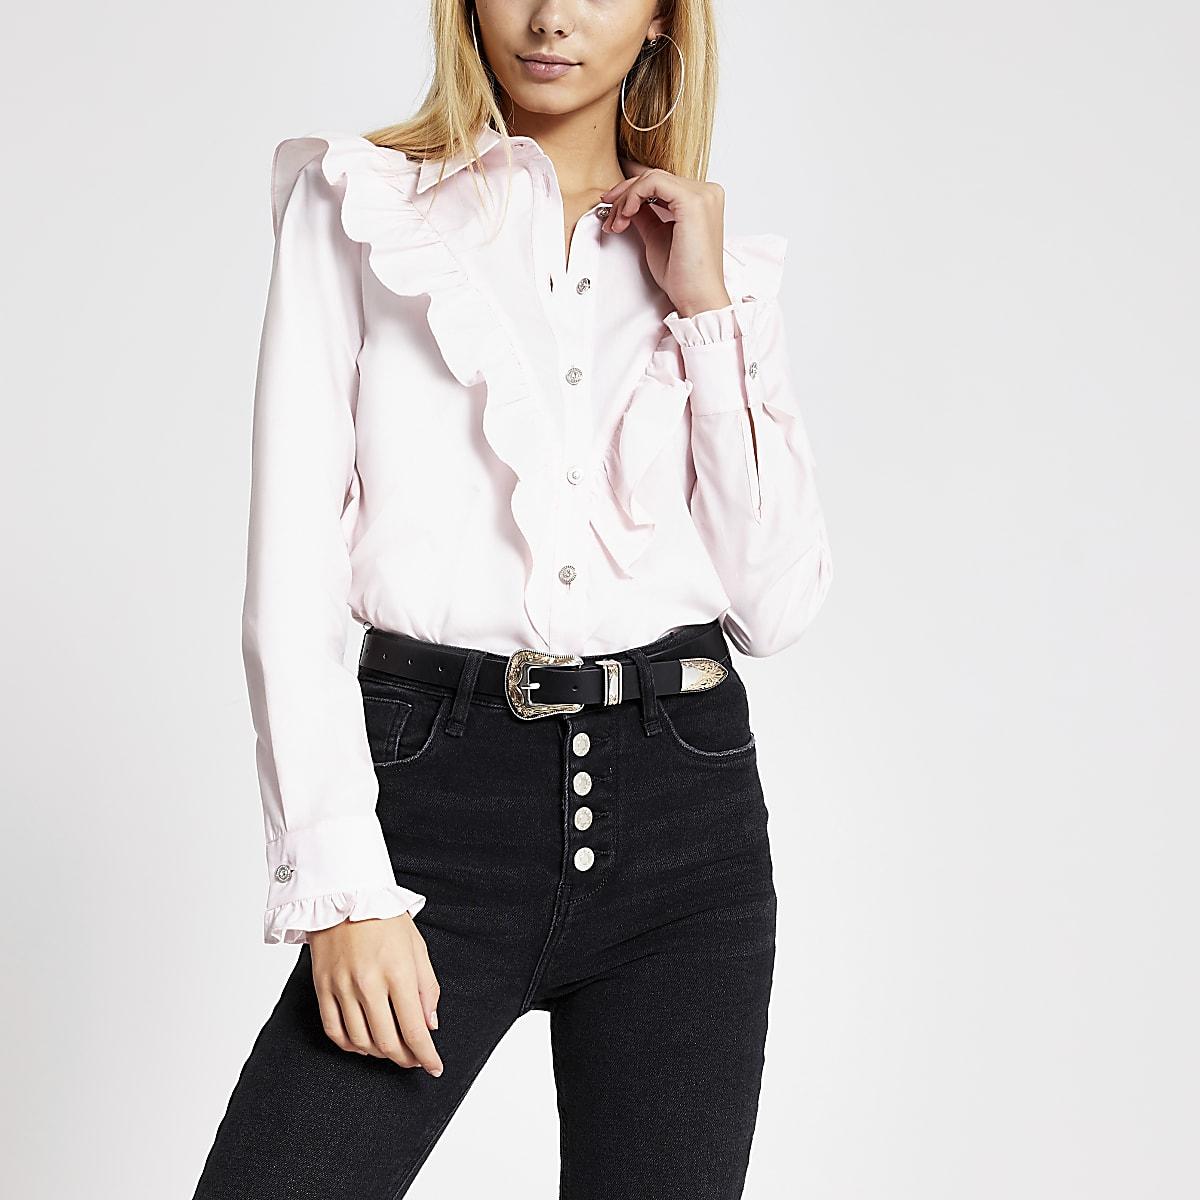 Roze overhemd met lange mouwen en ruches voor